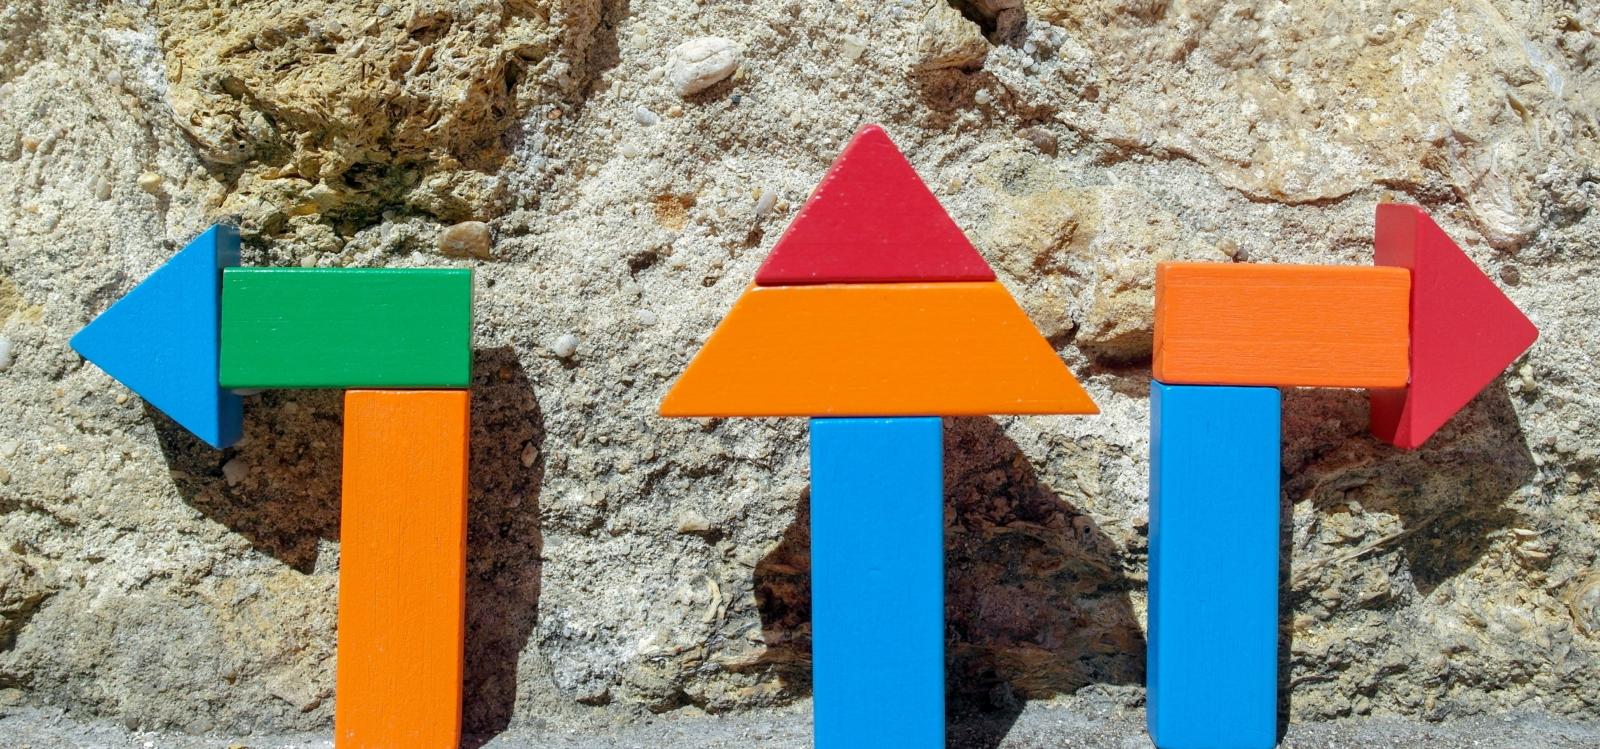 jogo de formas a simular as formas de um castelo